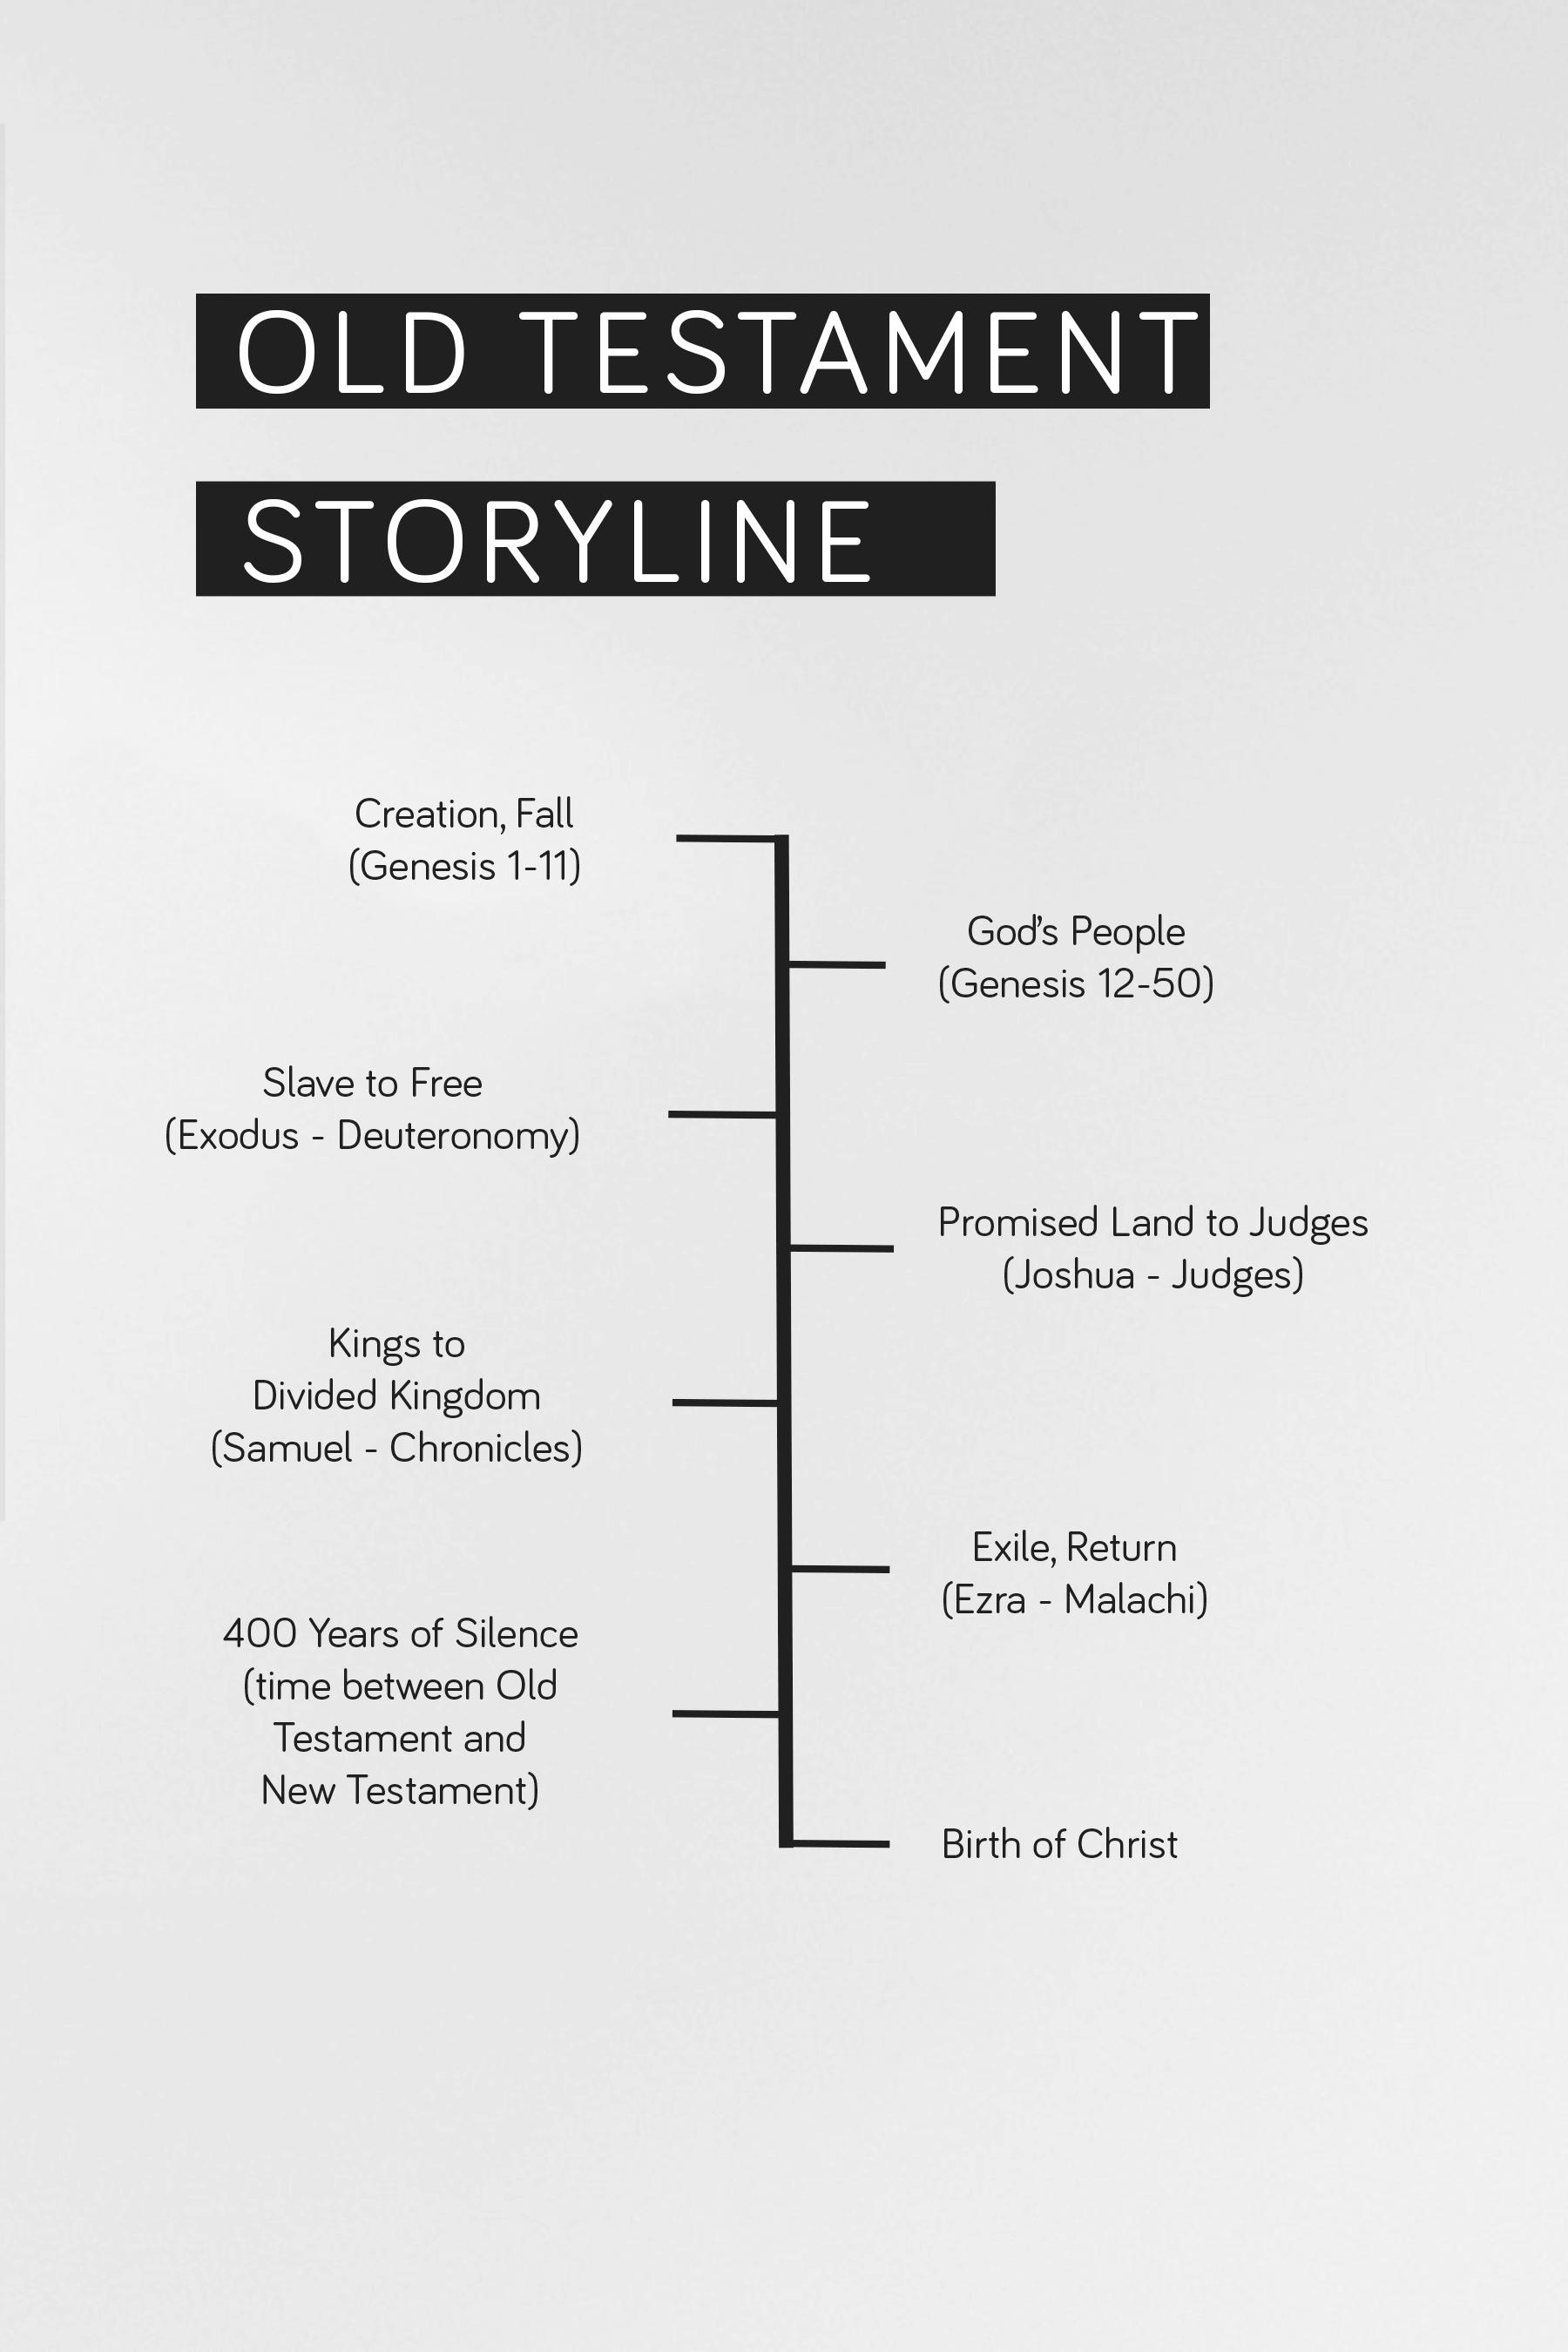 Old Testament Timeline.jpg